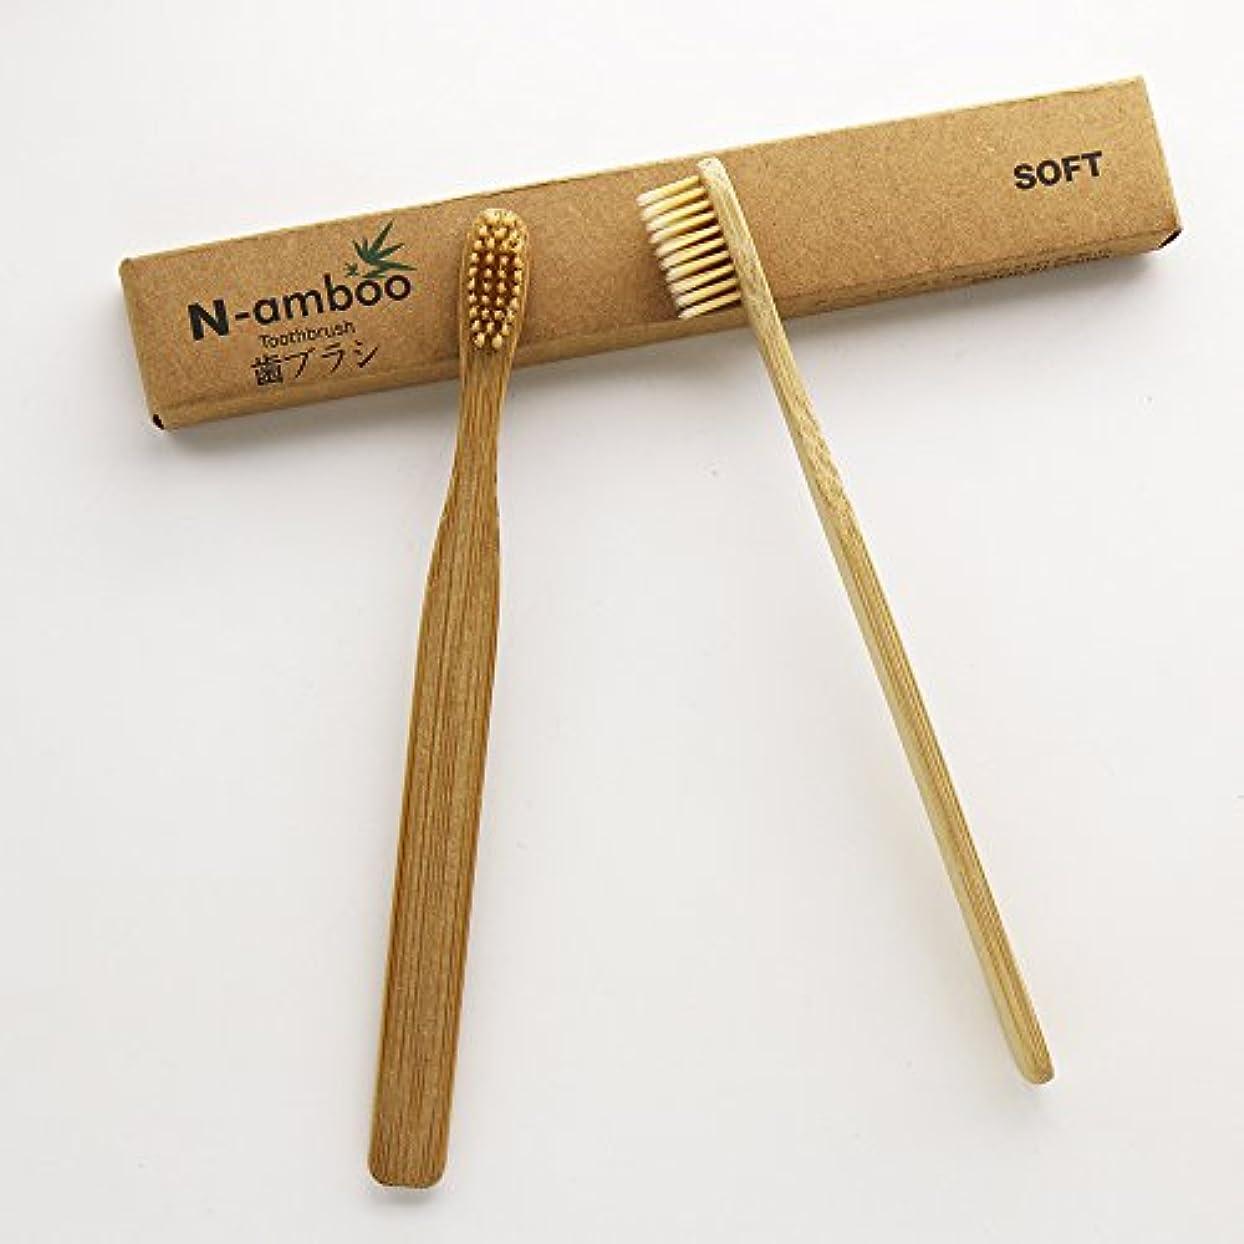 冷蔵庫注入する許容N-amboo 竹製 歯ブラシ 高耐久性 セット エコ ハンドル大きめ ベージュ (2本)